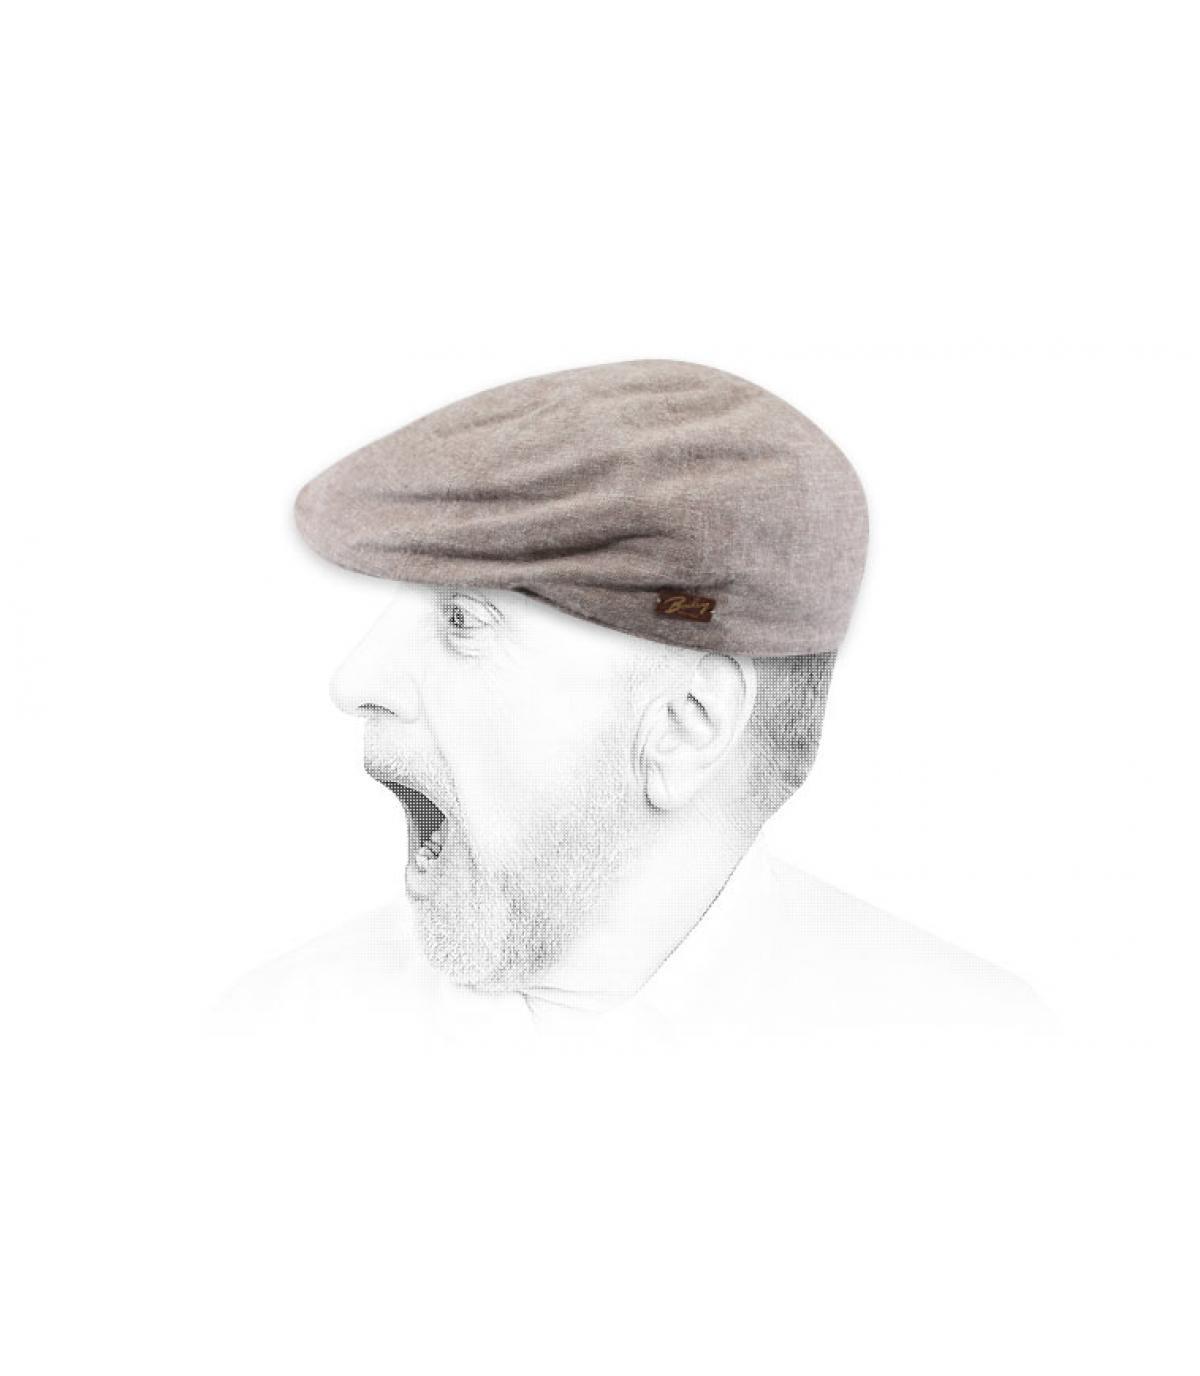 gorra duckbill algodón marrón